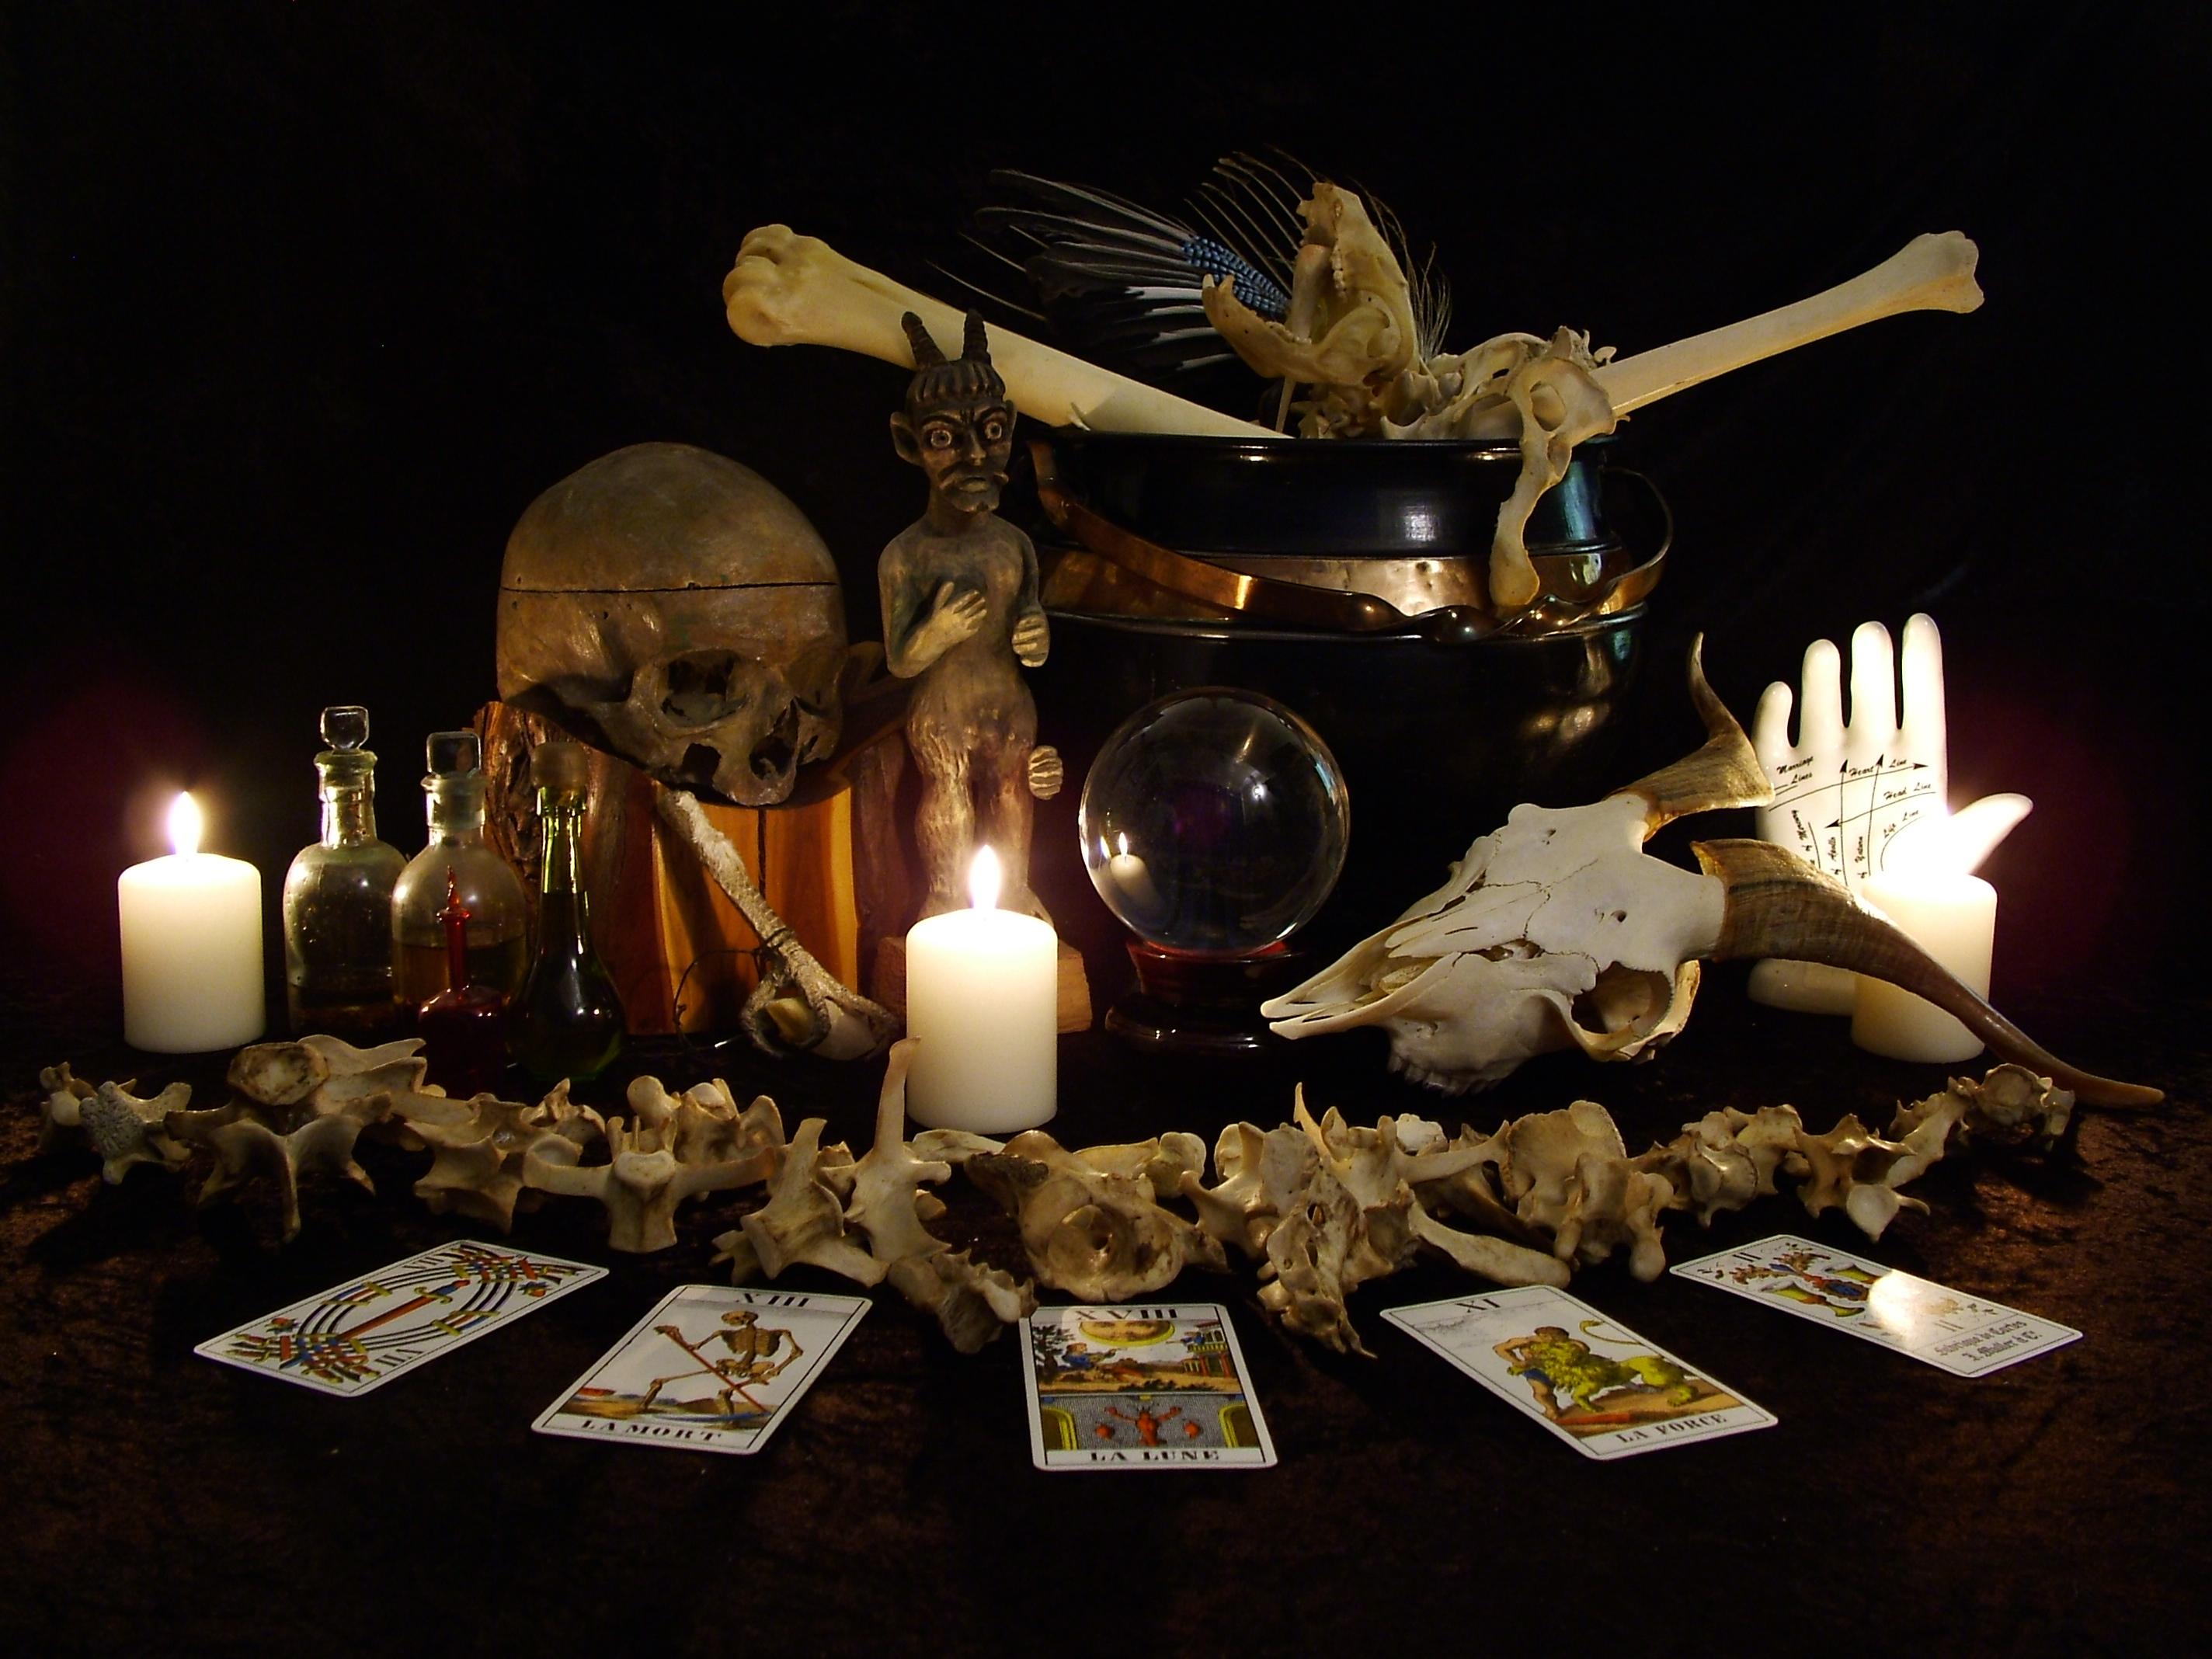 Tis Witchcraft